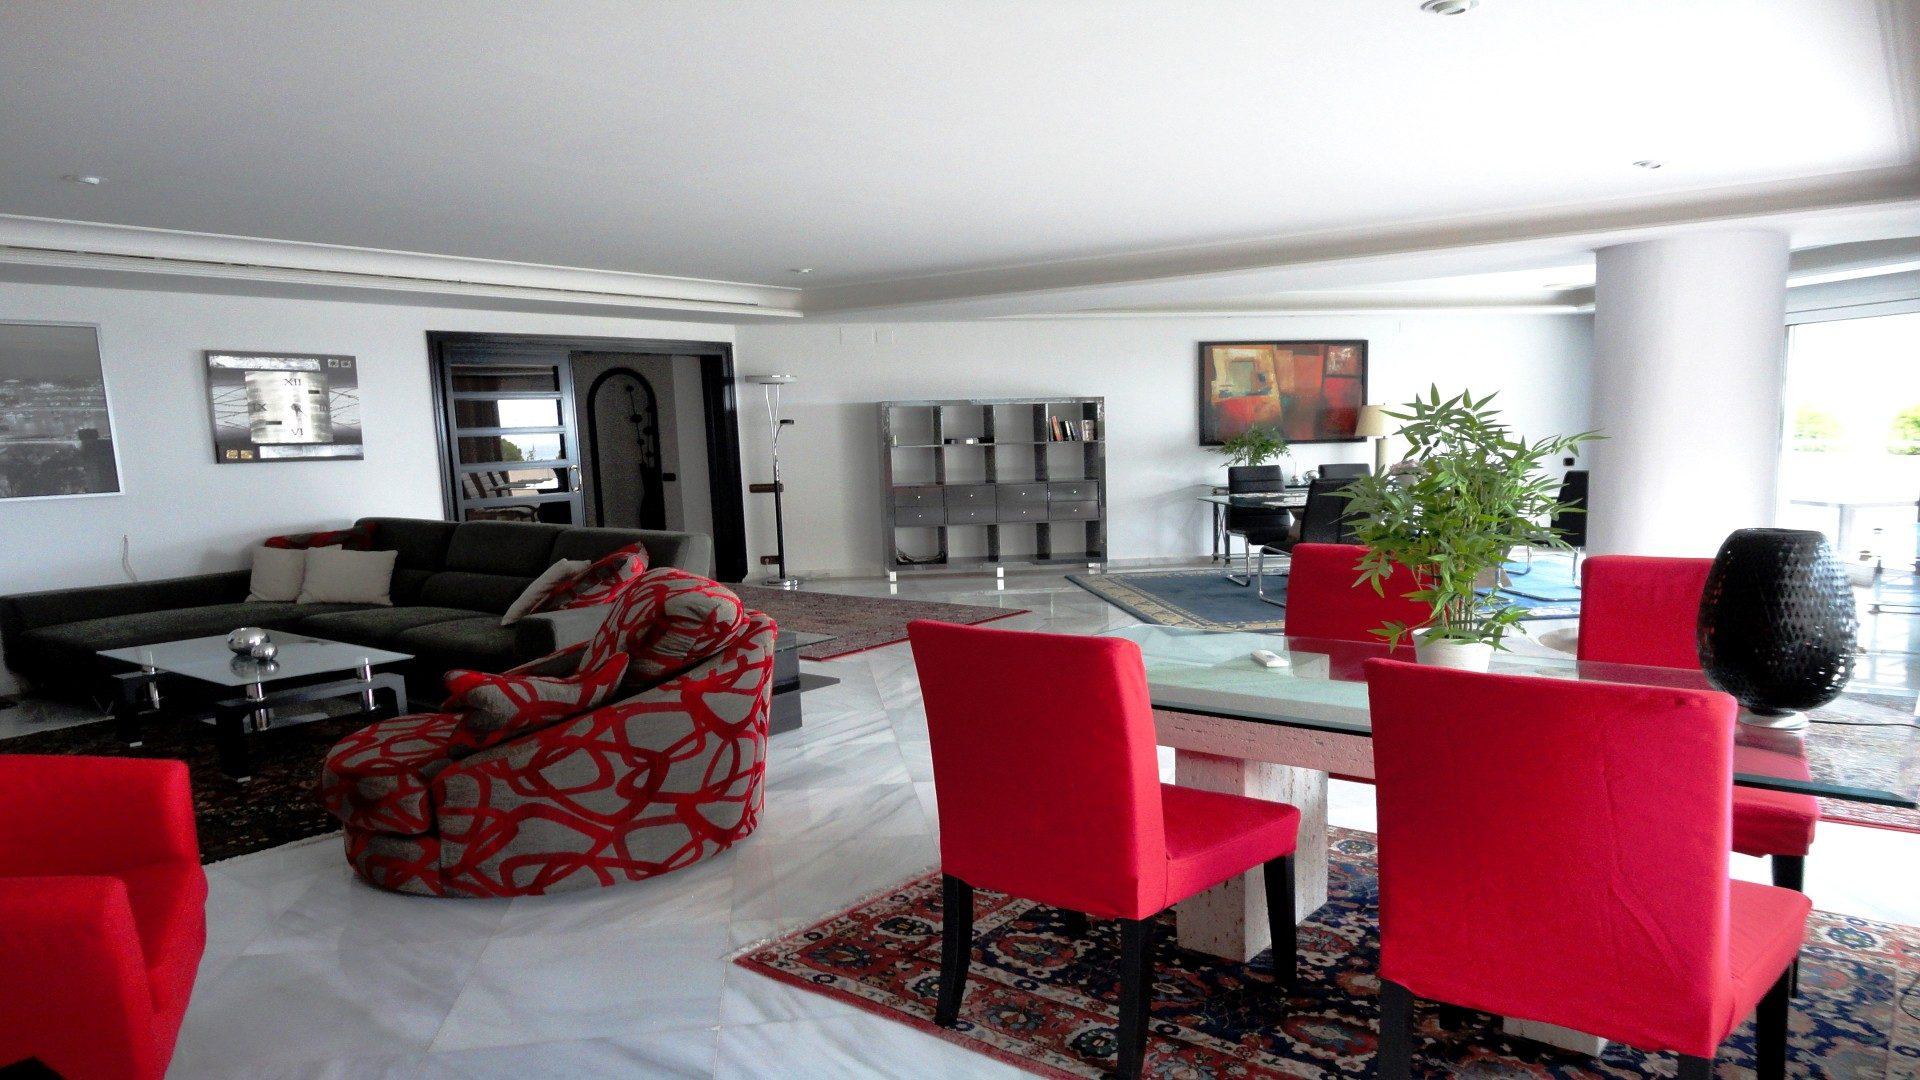 Propiedades de lujo en alquiler en corta temporada for Alquiler de propiedades